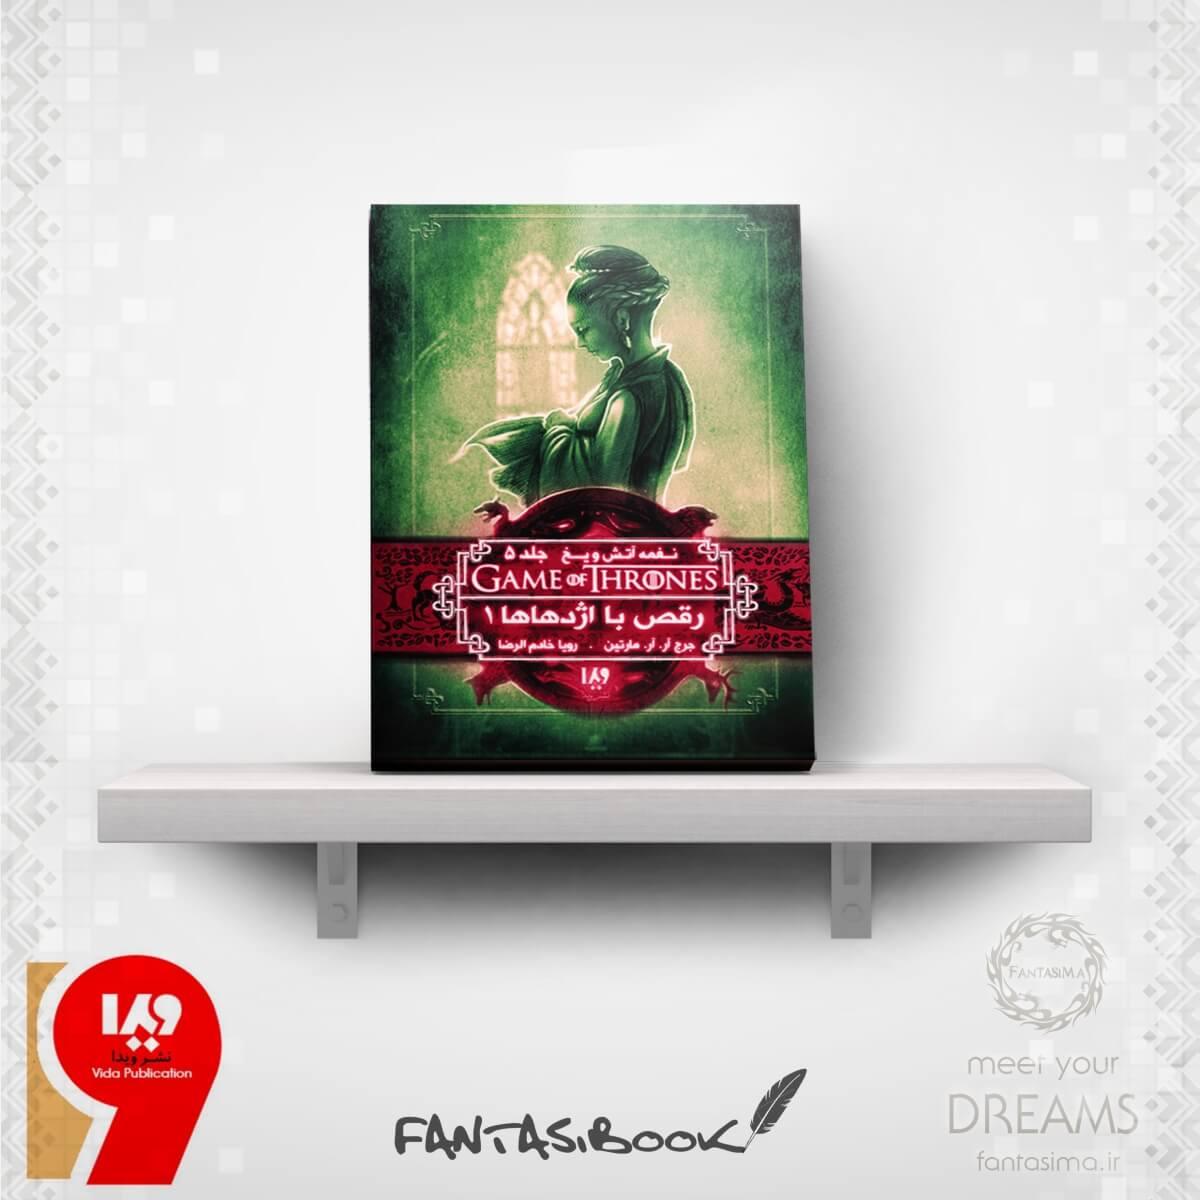 کتاب نغمه آتش و یخ - جلد 10 - رقص با اژدهاها 1